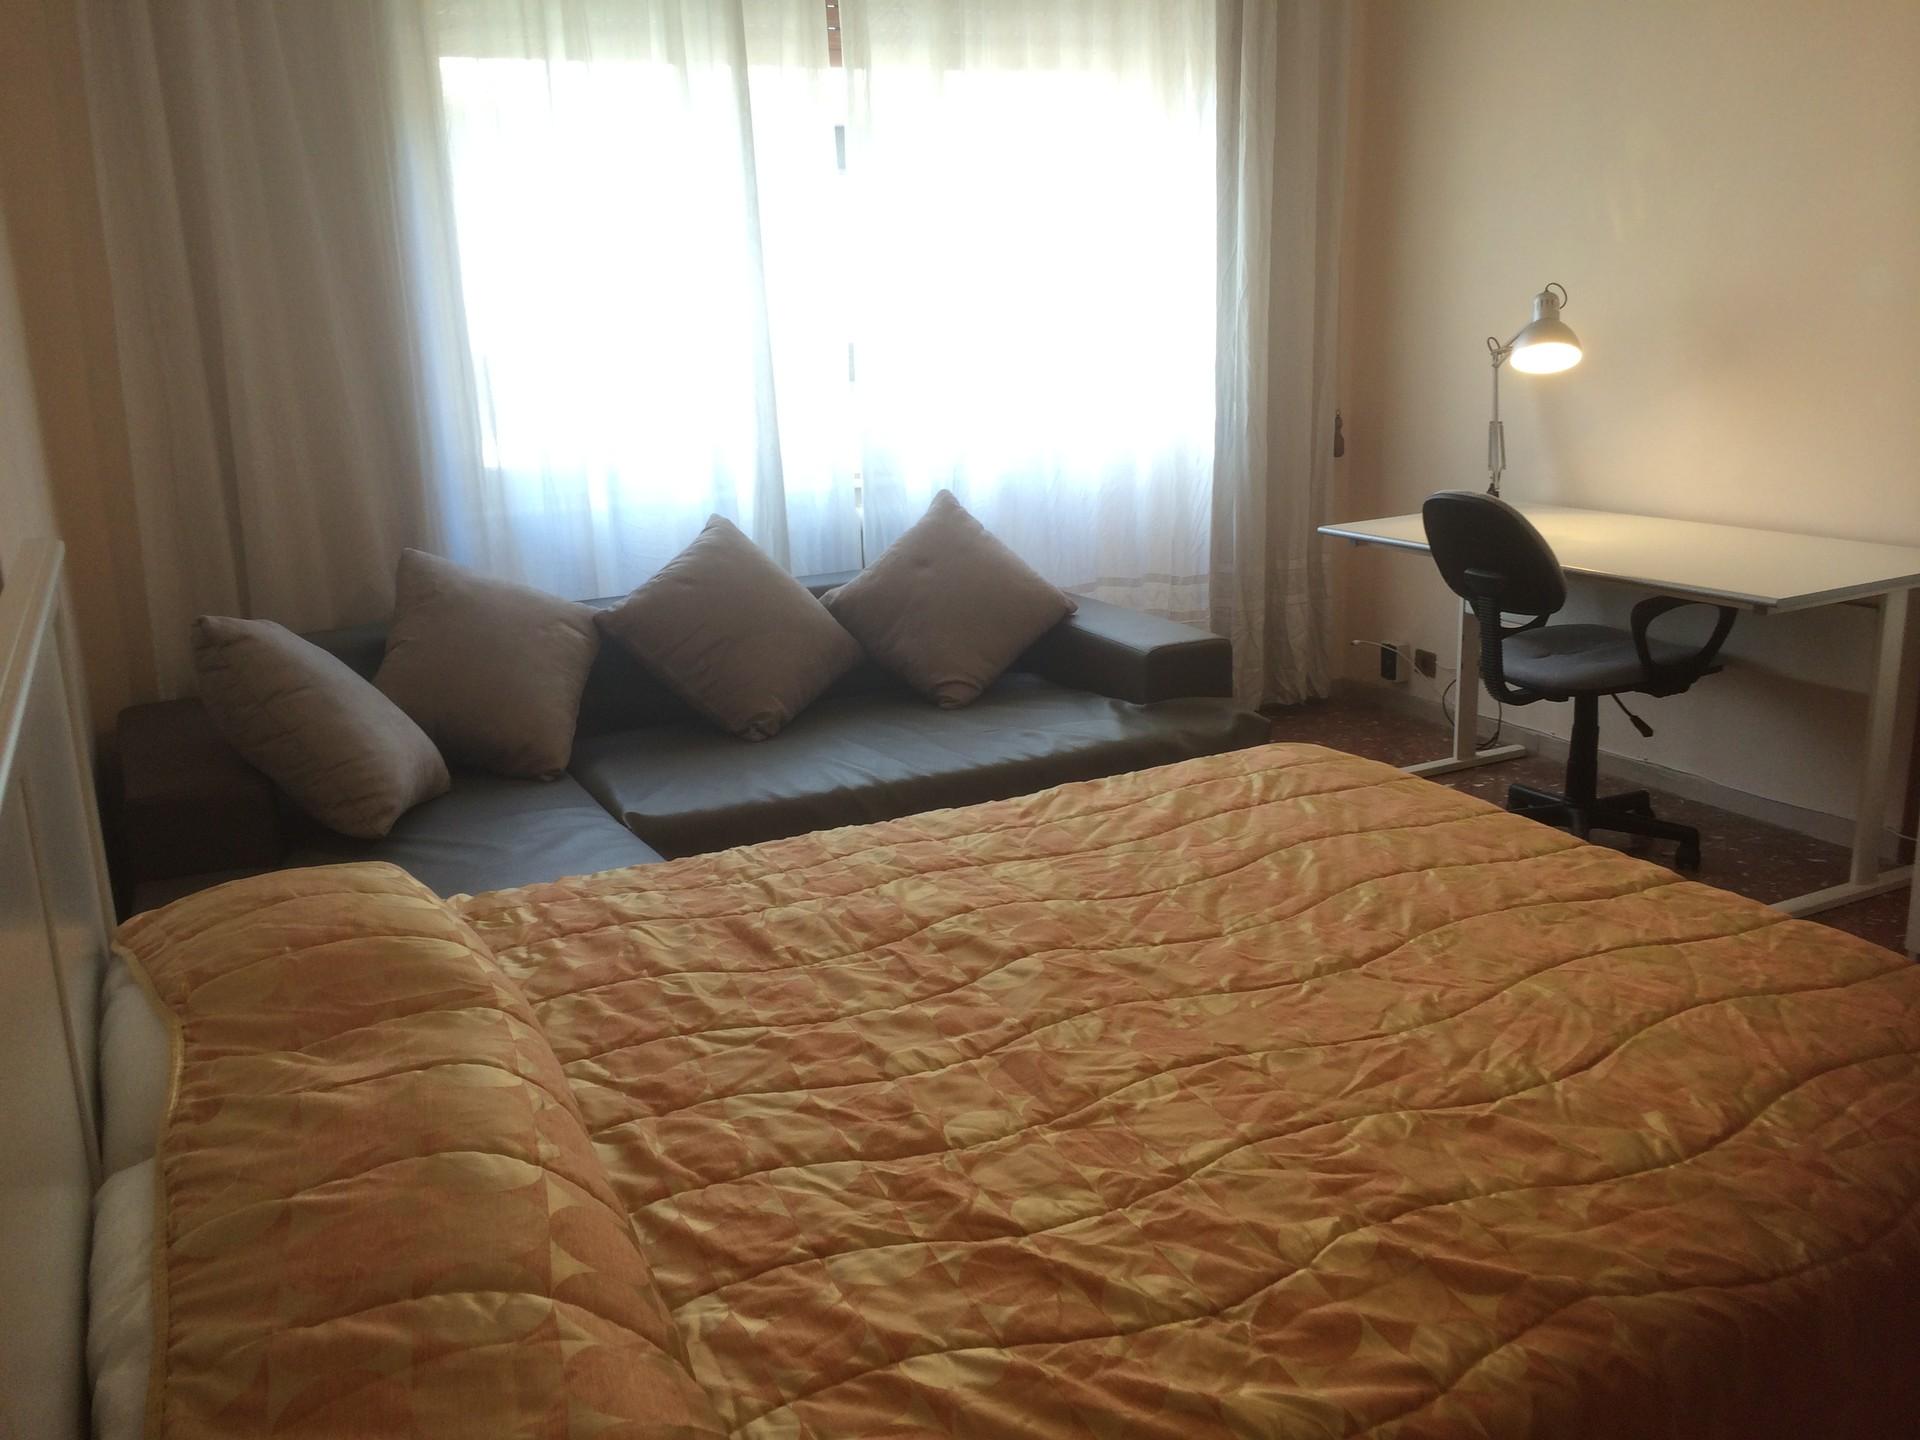 Camera con letto matrimoniale in appartamento, ampio, luminoso ...